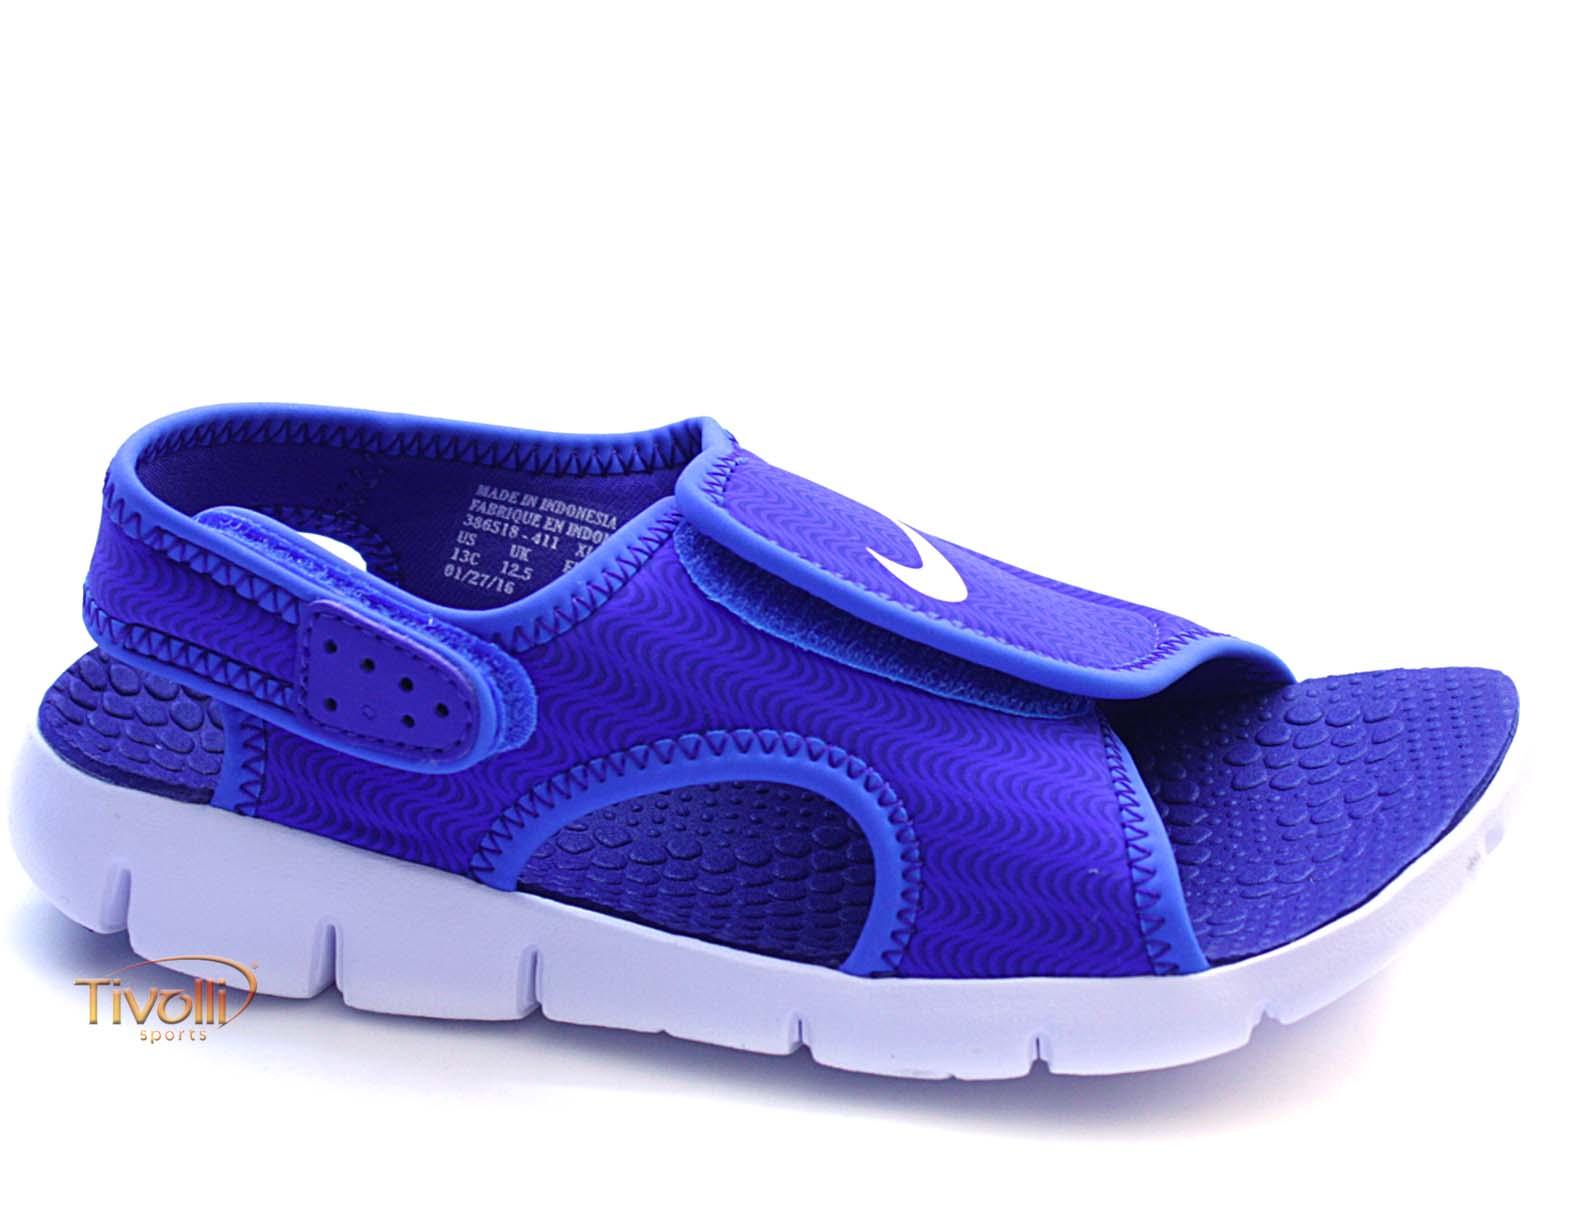 Sandália Nike Sunray Adjust 4 (TD) Infantil Papete Azul e Branca - Tamanho  17 ao 26 f3f79168e92ef